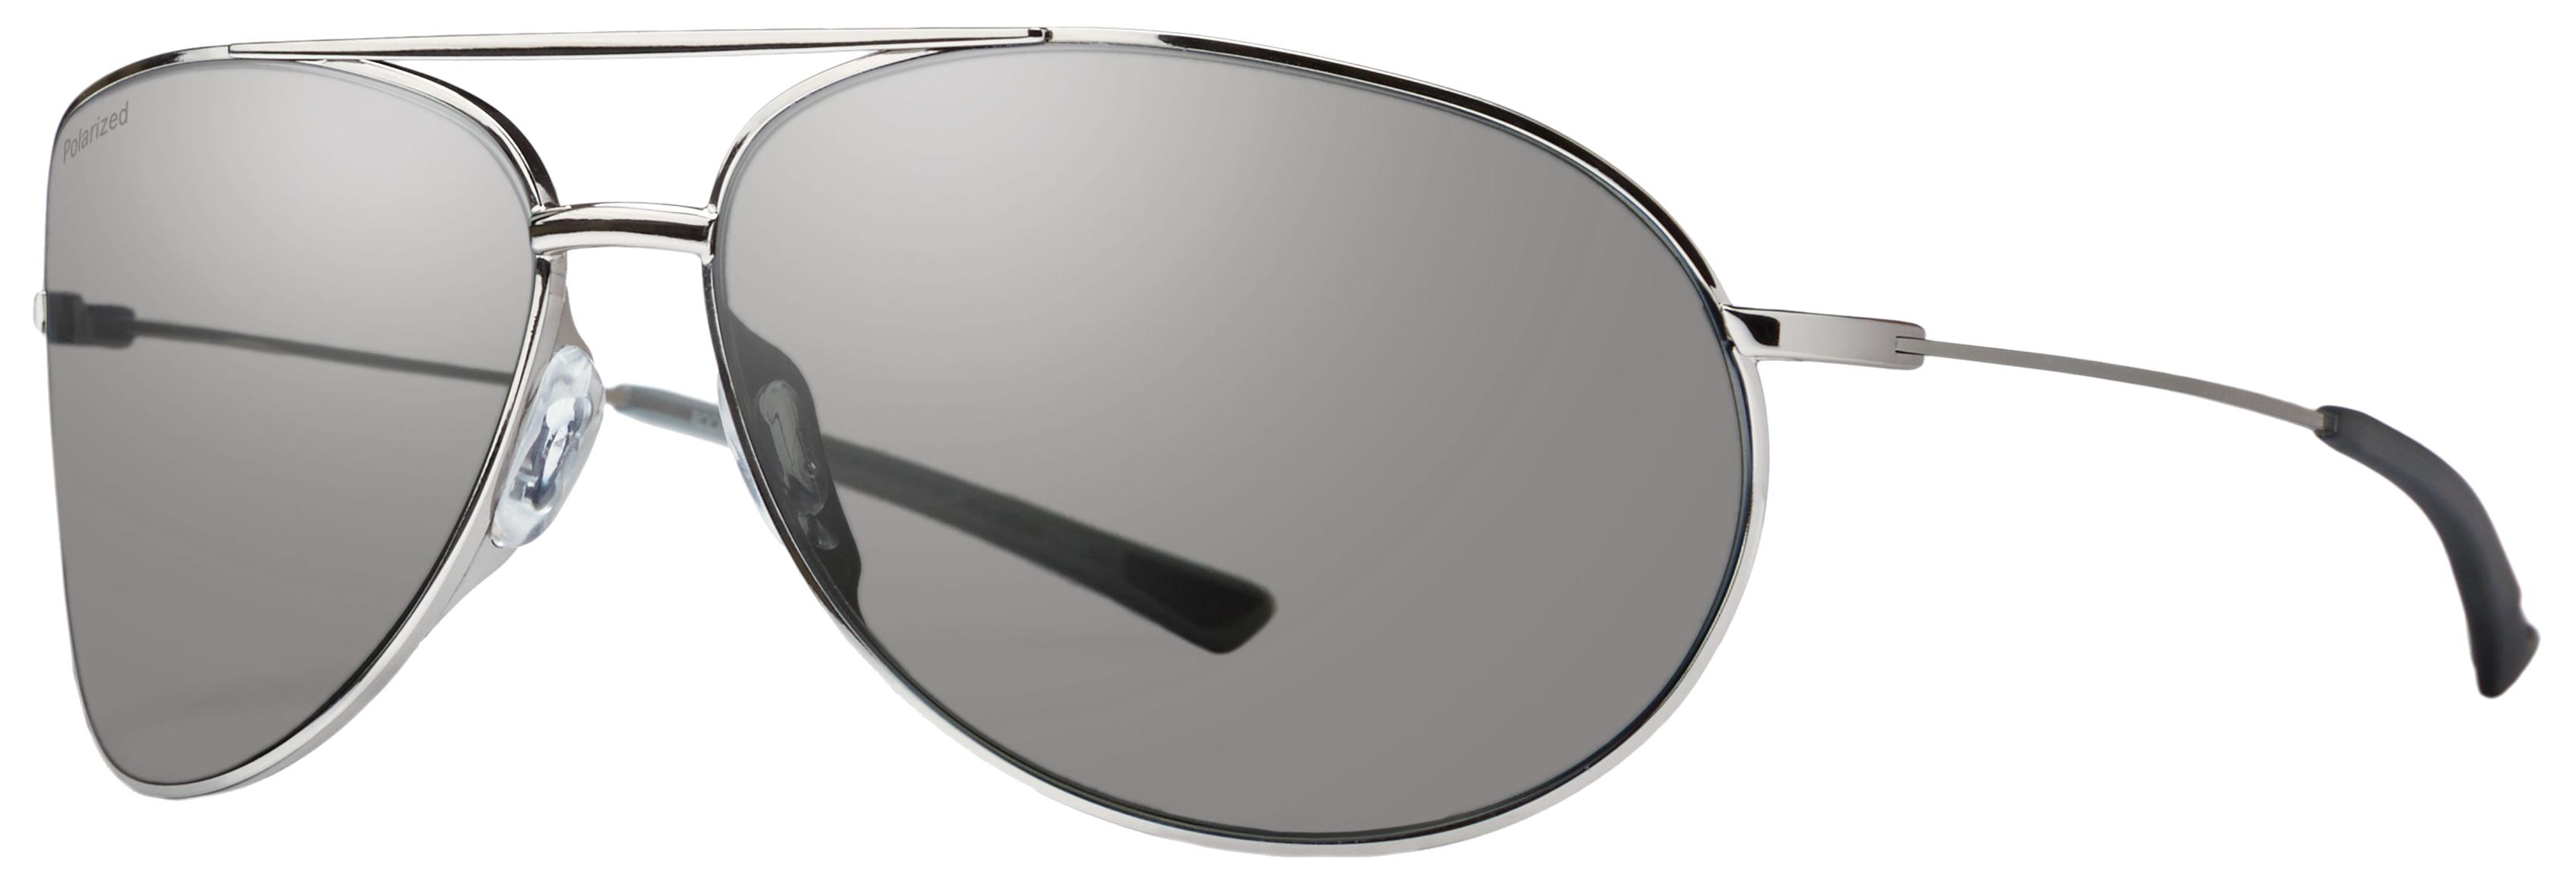 8c97d3604a Smith Rockford Sunglasses - Unisex